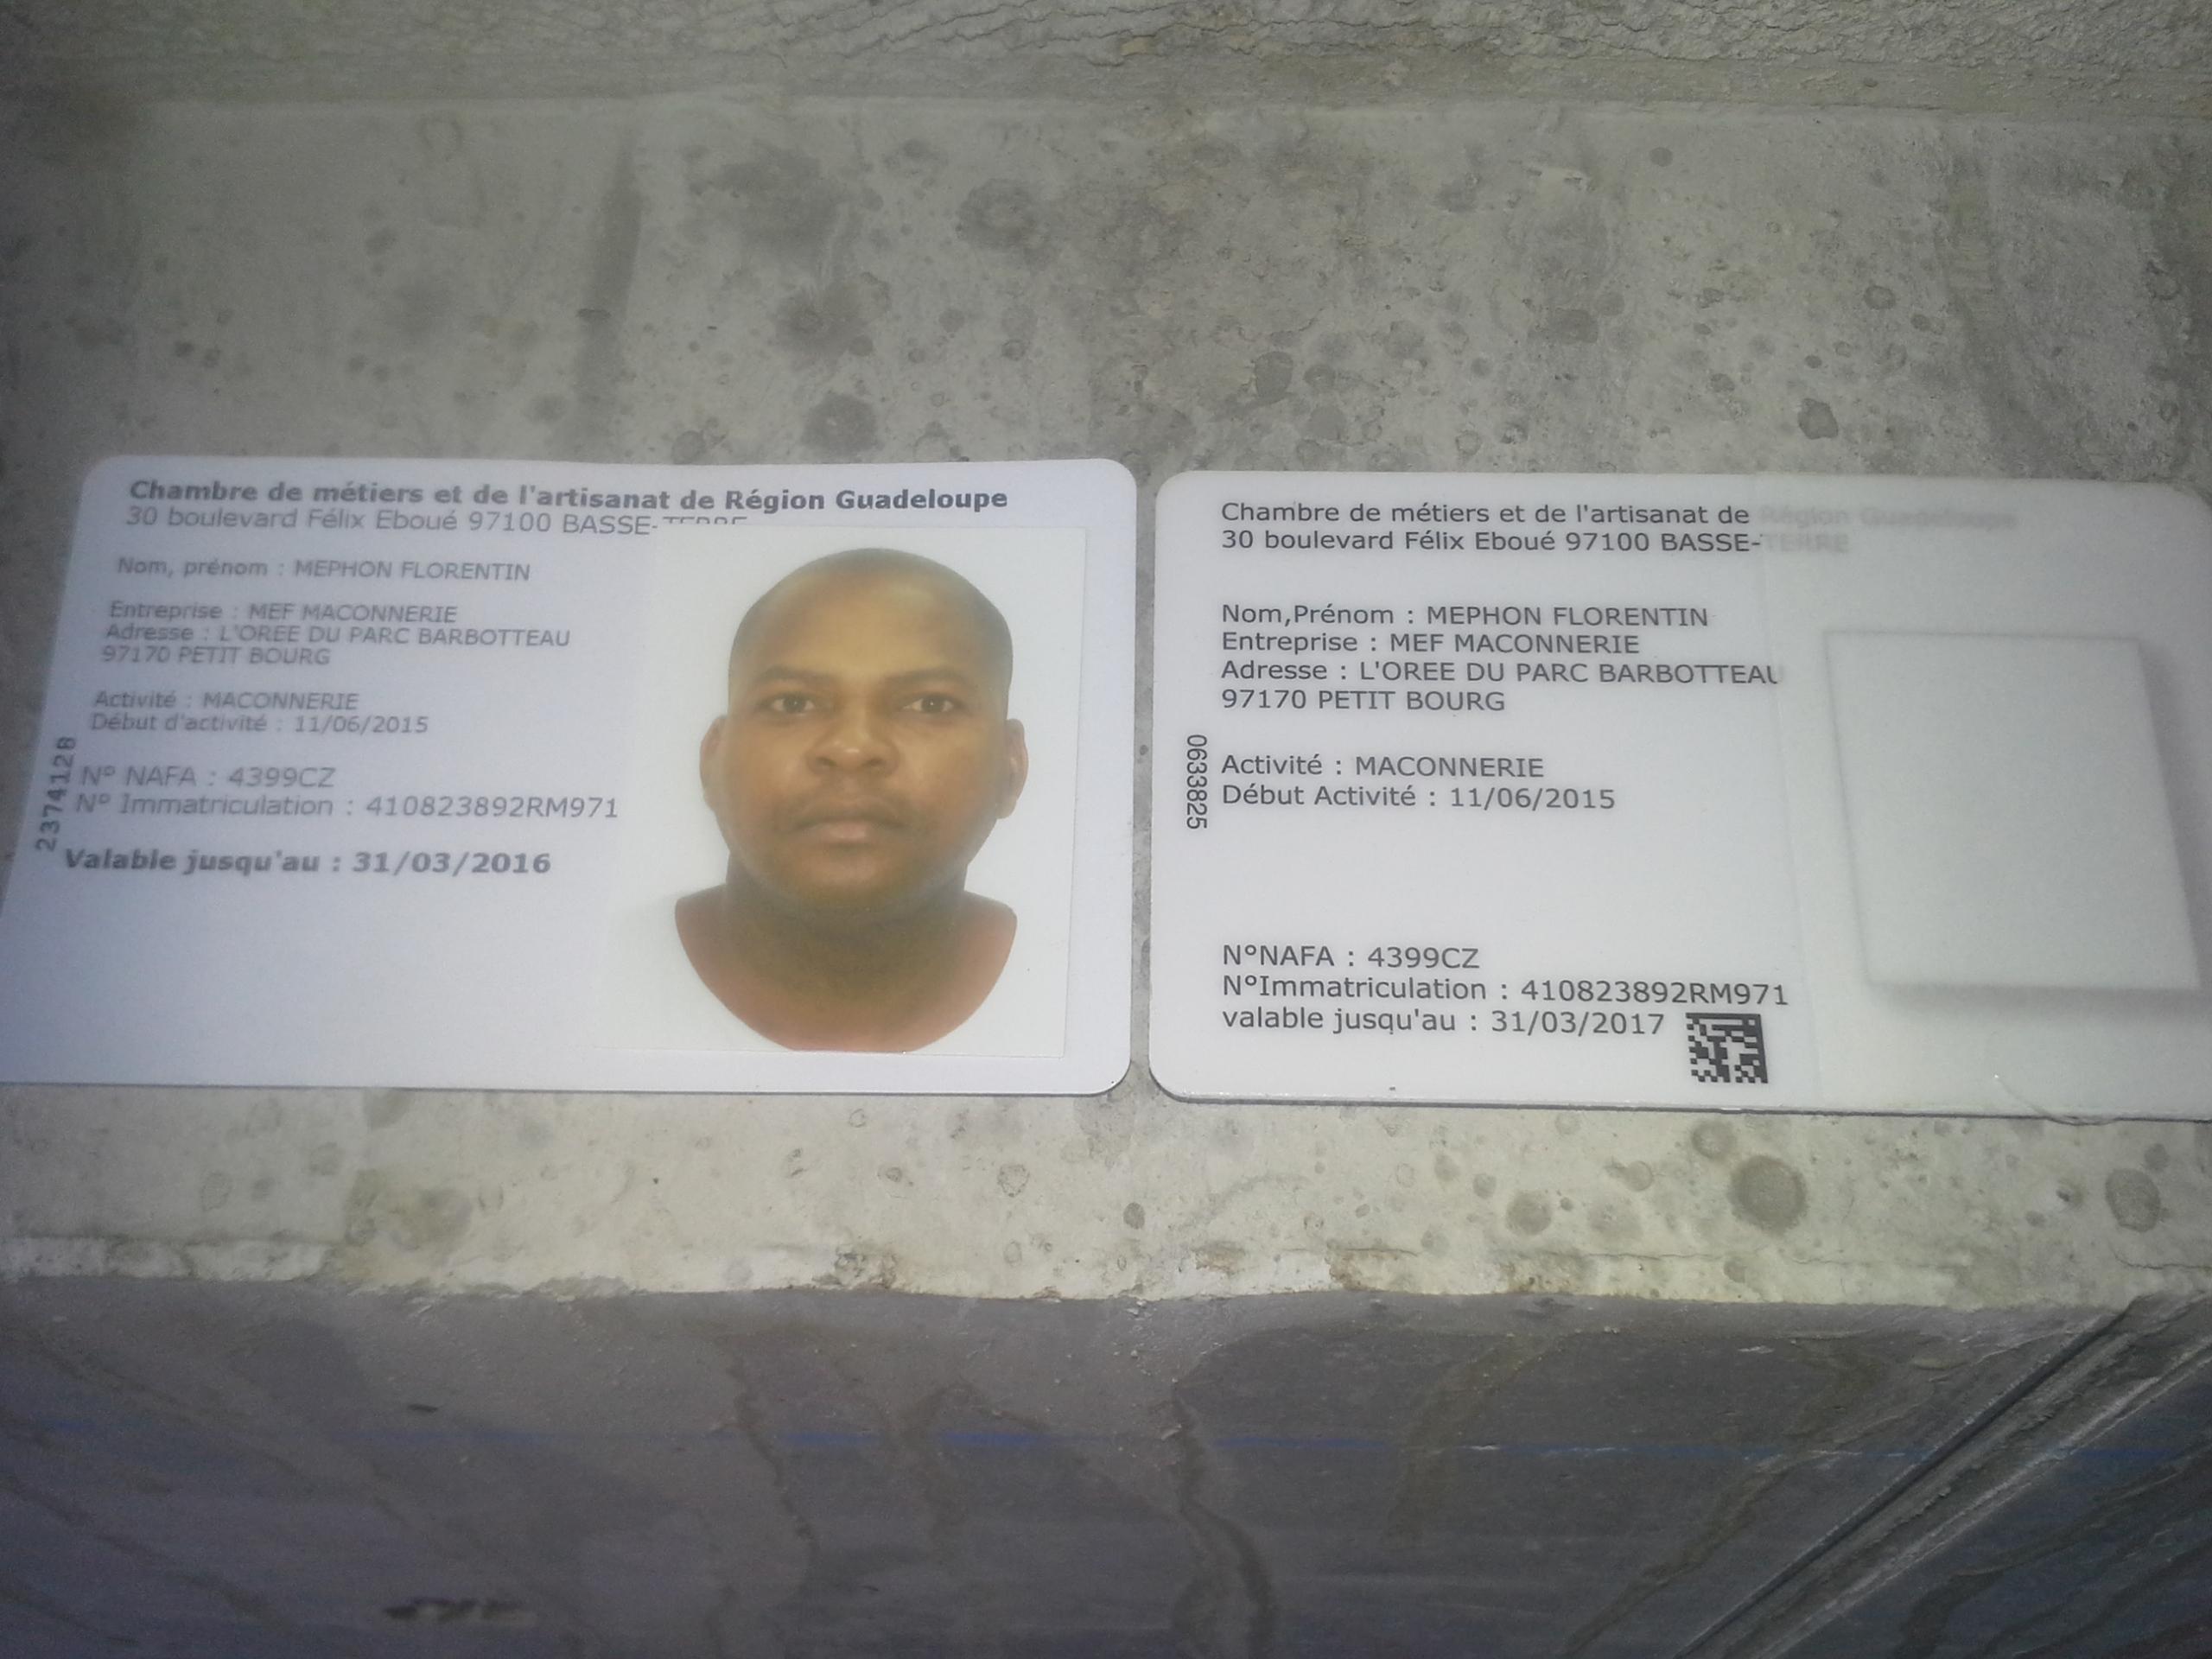 Ma§ons au Meilleur Rapport Qualité Prix en Guadeloupe et Martinique